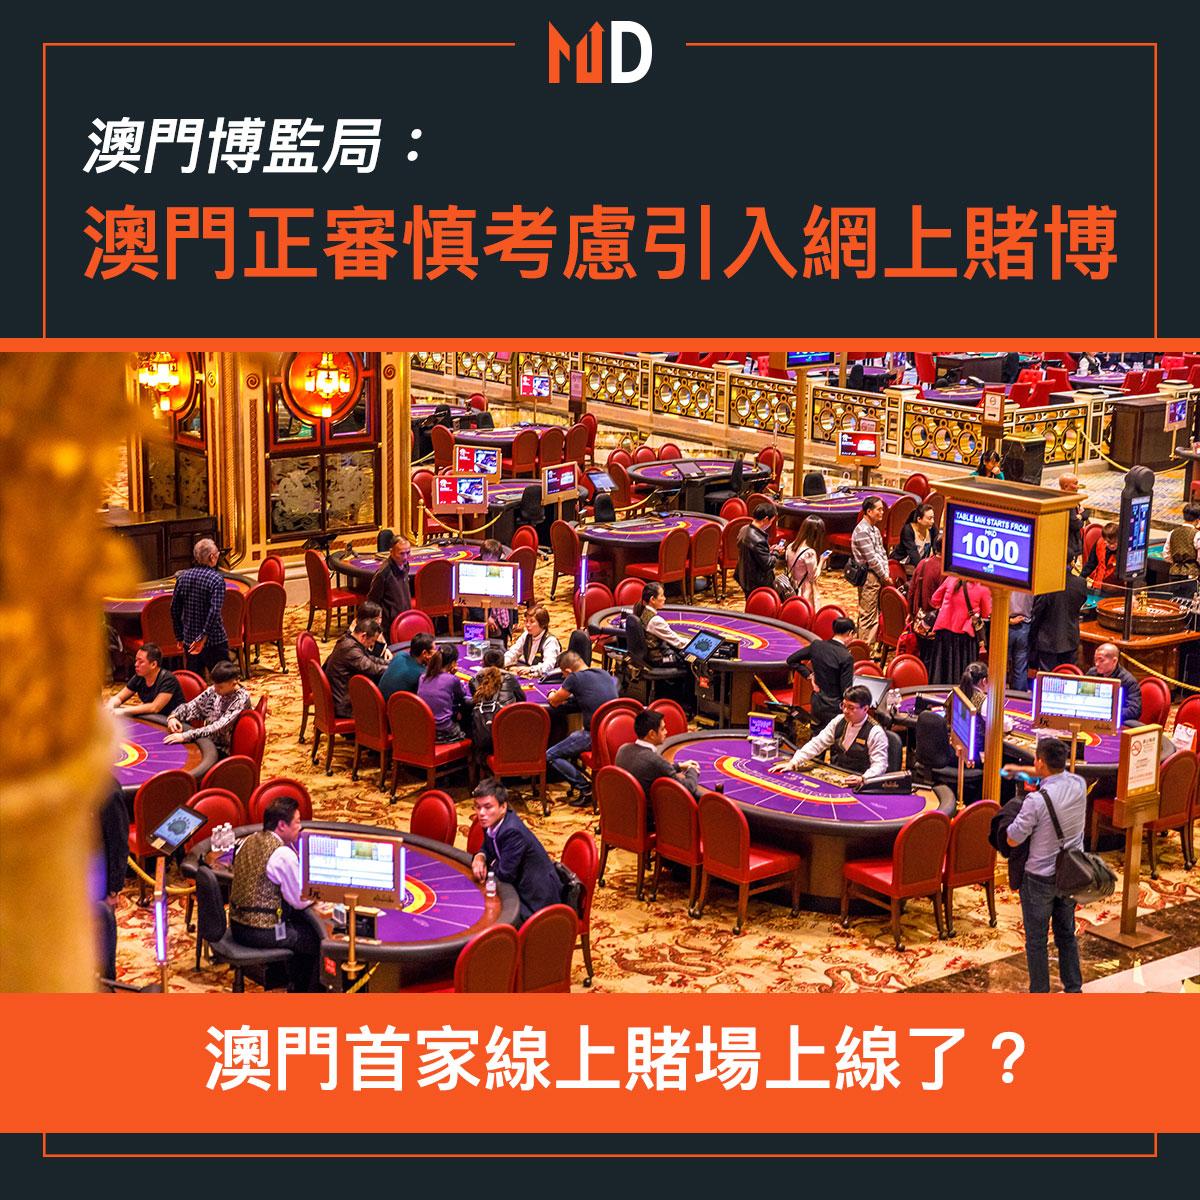 澳門博彩會否引入線上賭場?